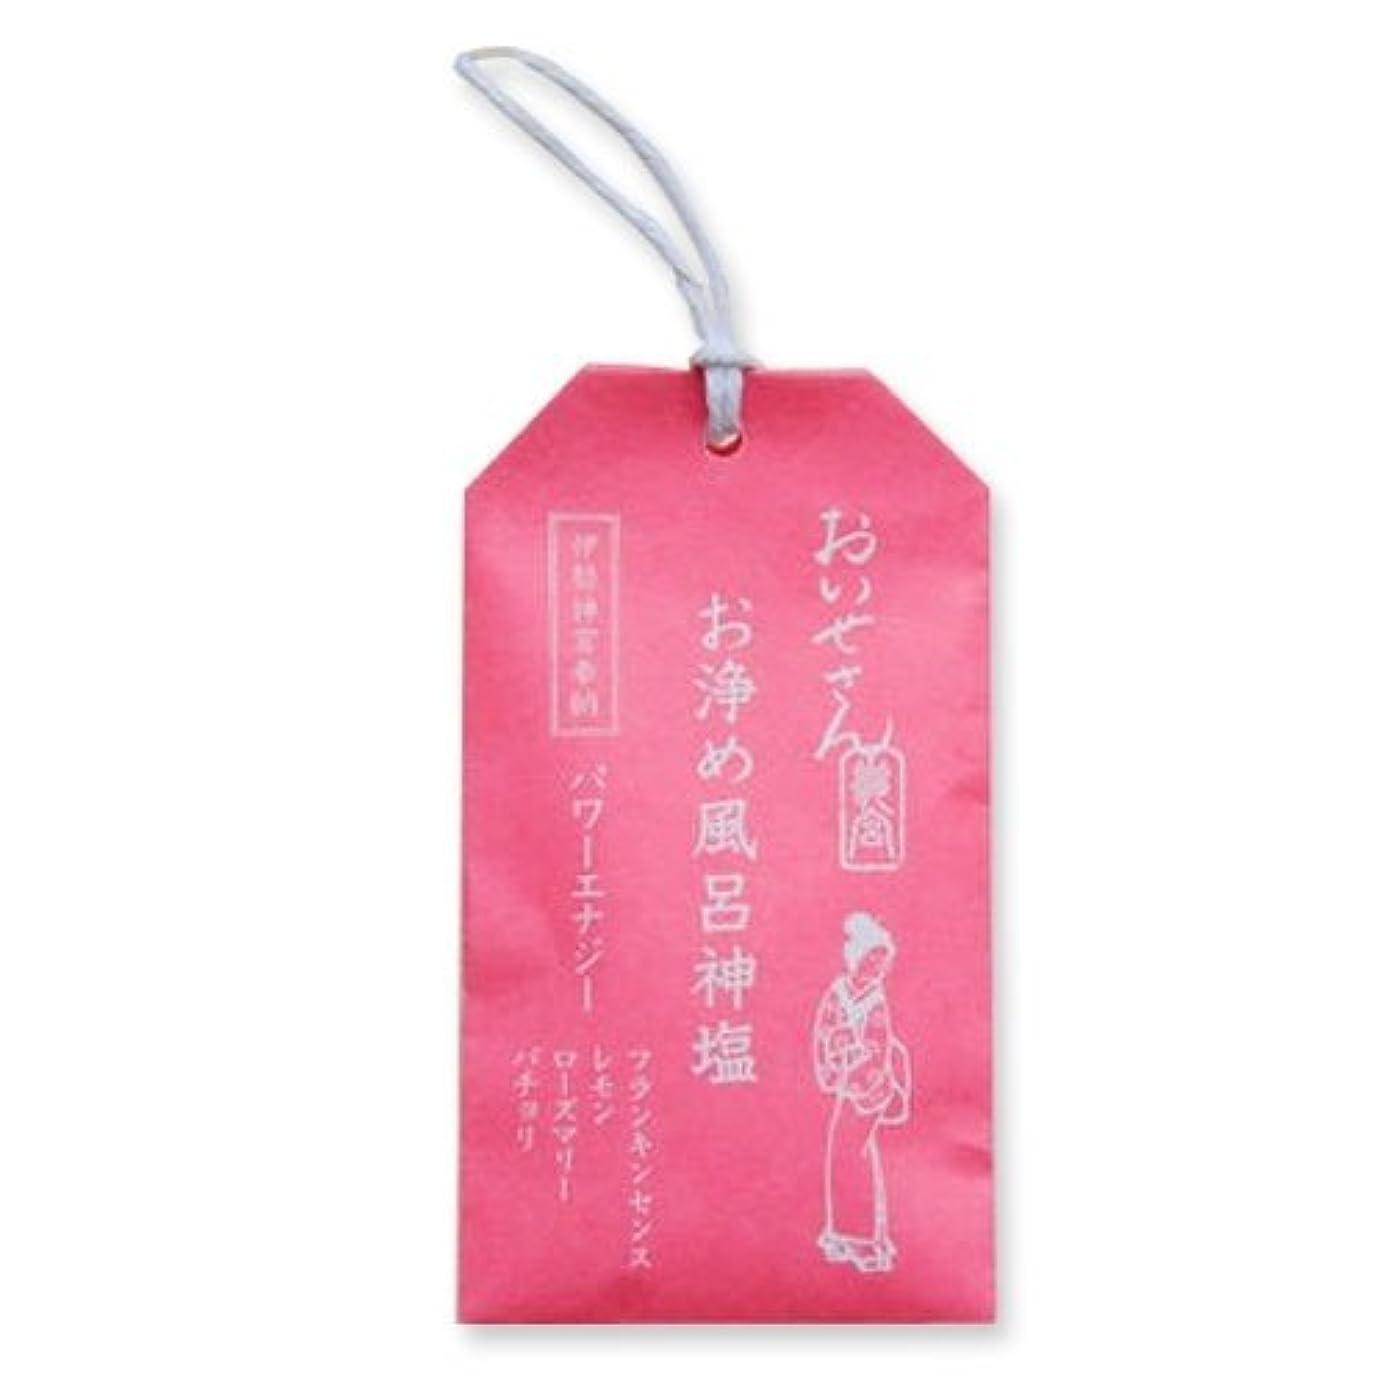 百年破壊的動くおいせさん お浄め風呂神塩 バス用ソルト(パワーエナジー) 20g